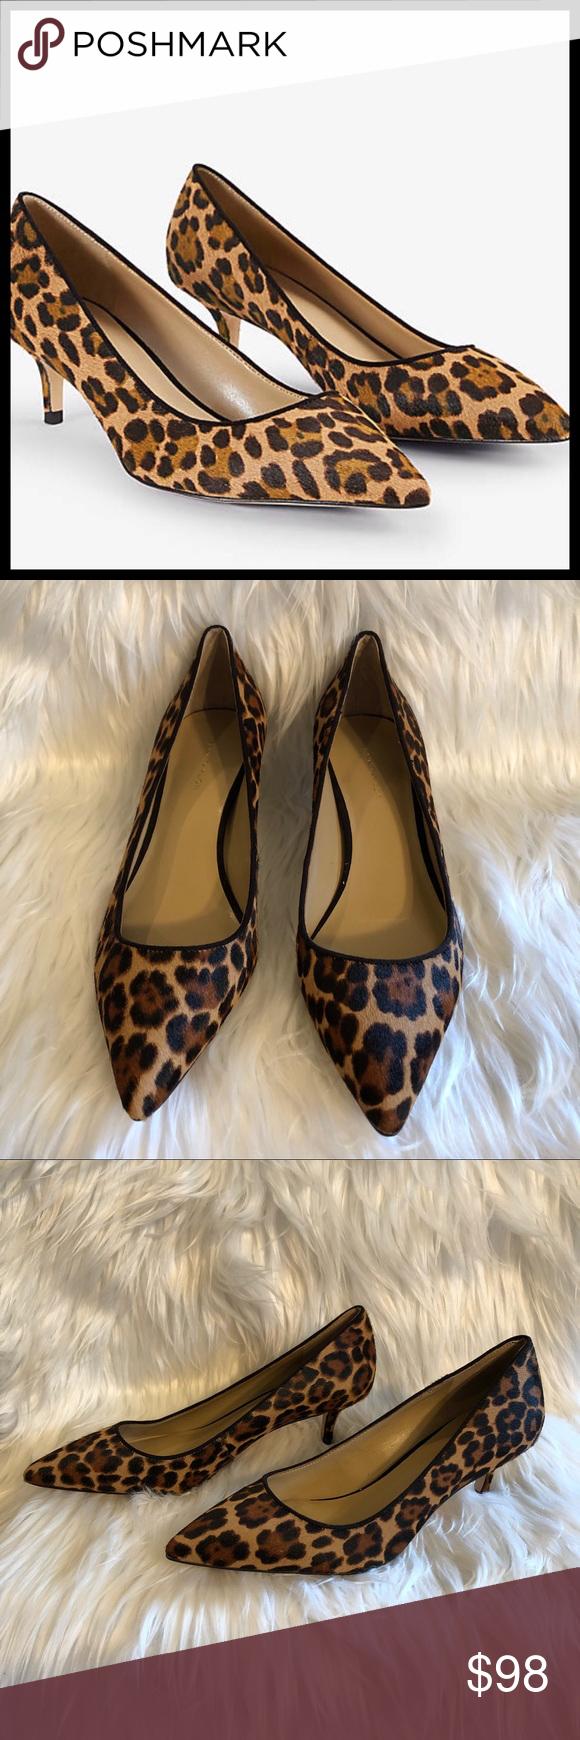 """d9a828e2f6b ANN TAYLOR Calf Hair Leopard Print Pumps NWOB ANN TAYLOR """"Reece"""" Calf"""